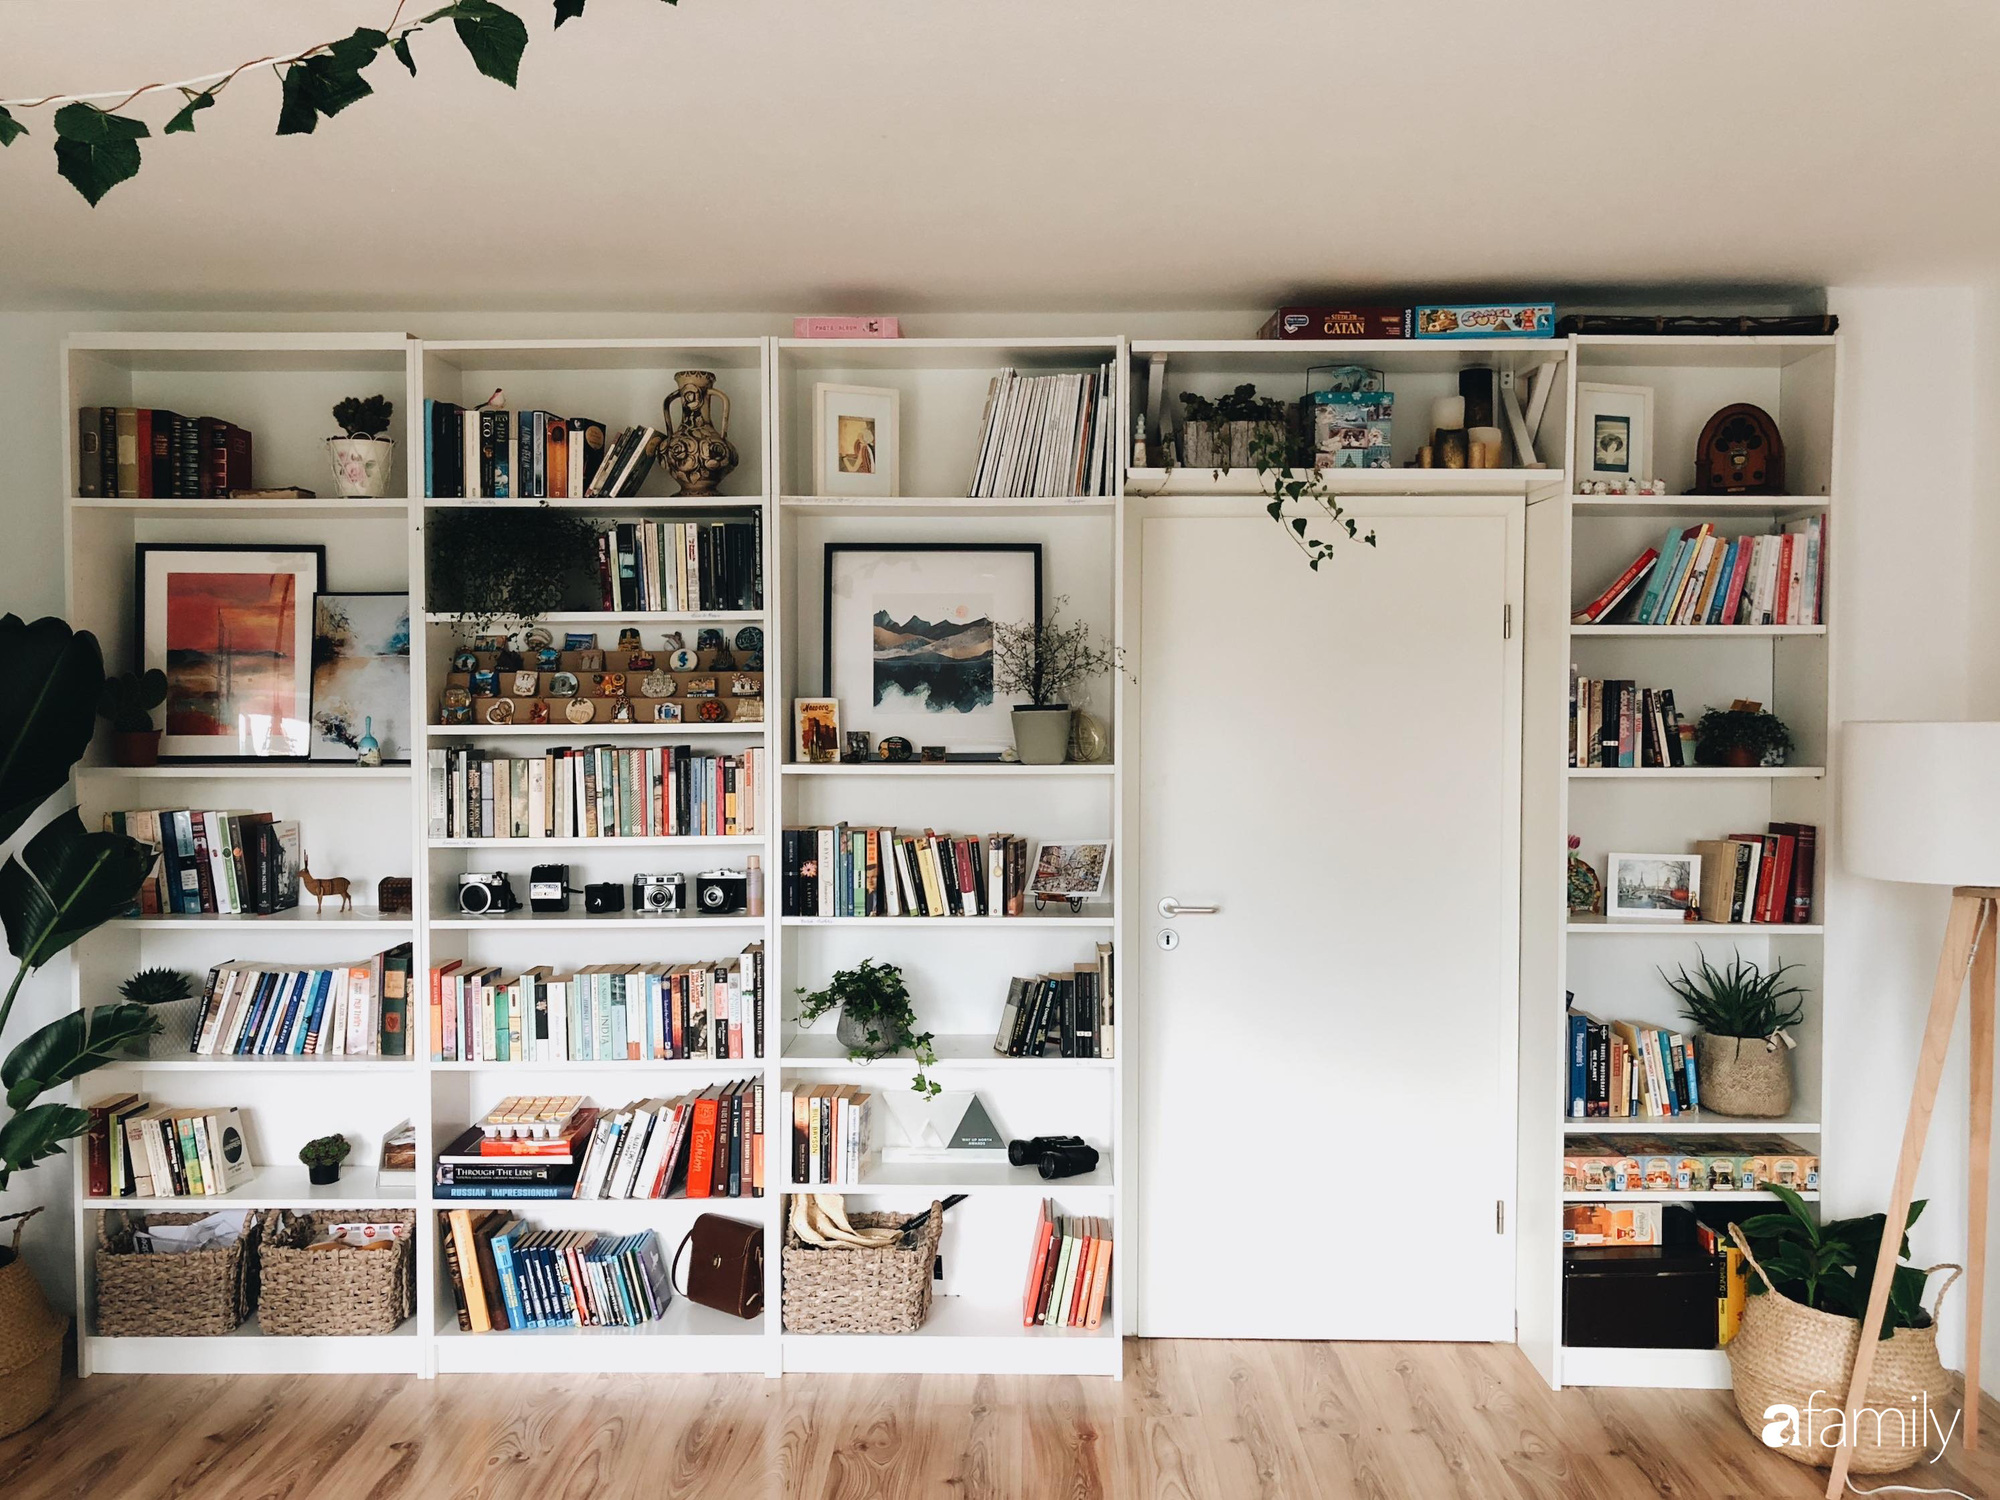 Tự tay cải tạo từng góc nhỏ, căn hộ của vợ chồng trẻ biến thành tổ ấm màu xanh đẹp như trong tạp chí - Ảnh 9.